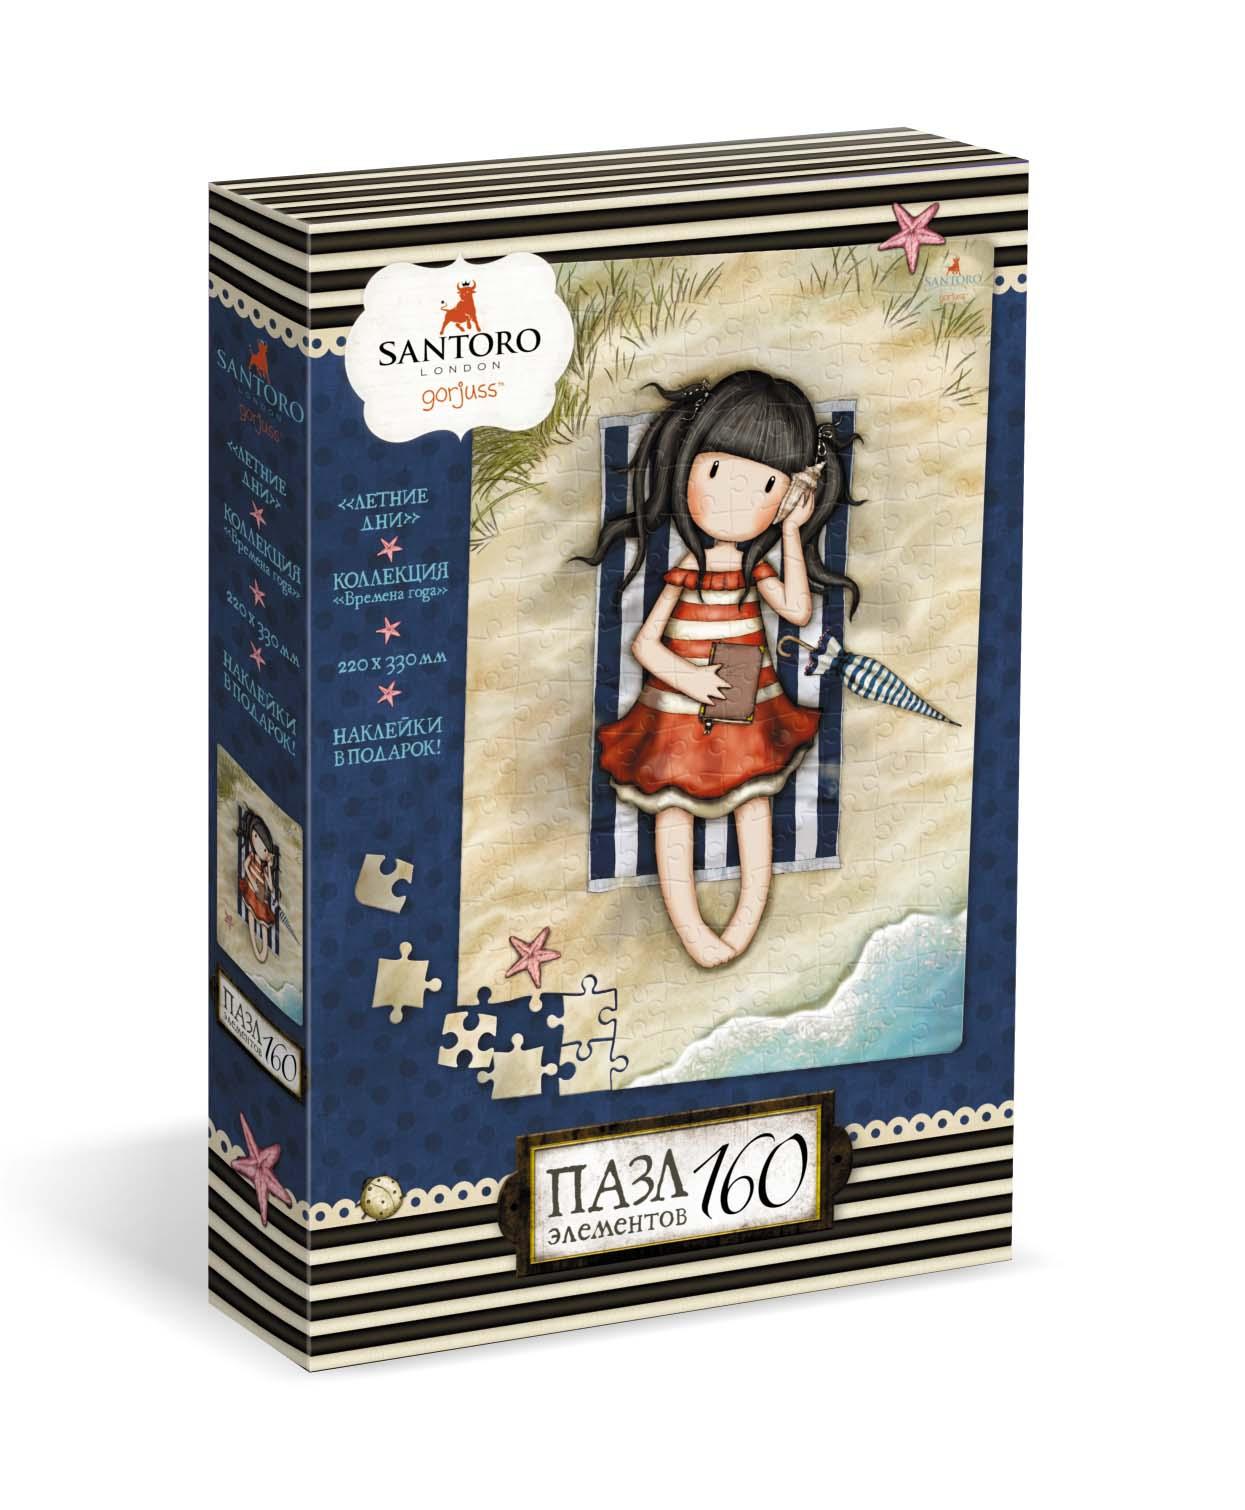 Пазл 160 Origami 04773 Santoro Летние дни + наклейки